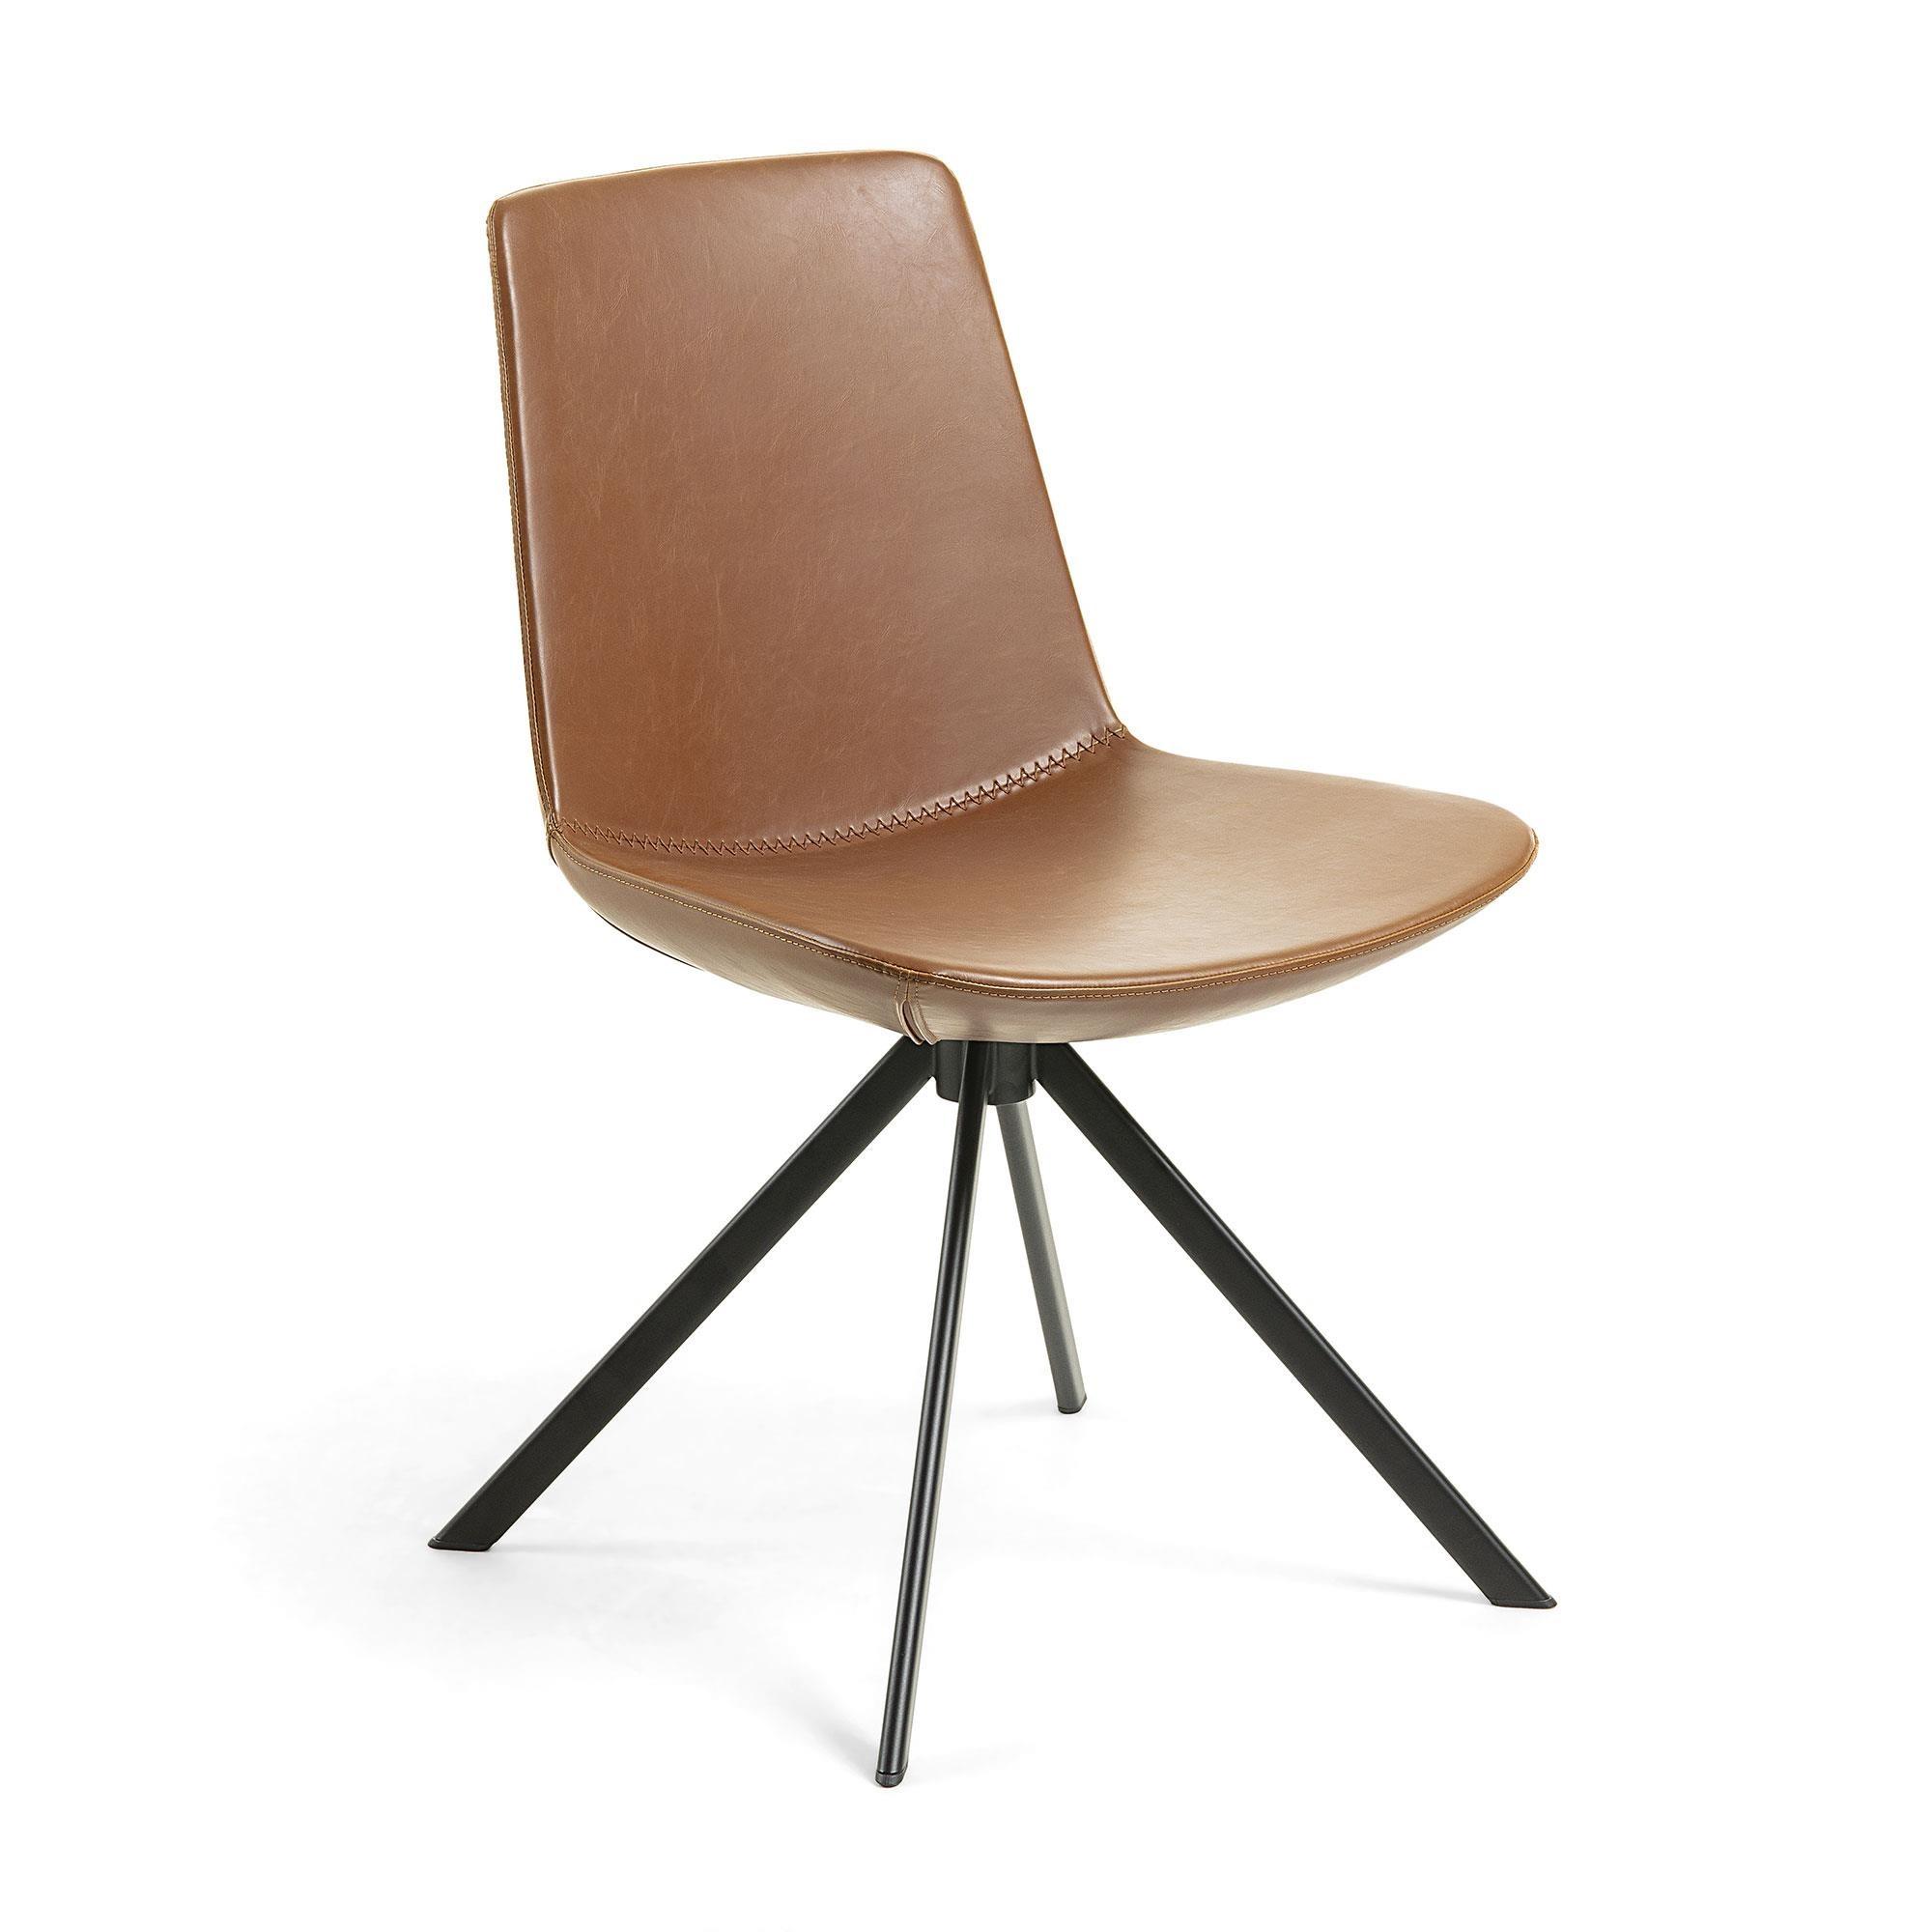 Krzesło TOKKA 50x56 kolor brązowy